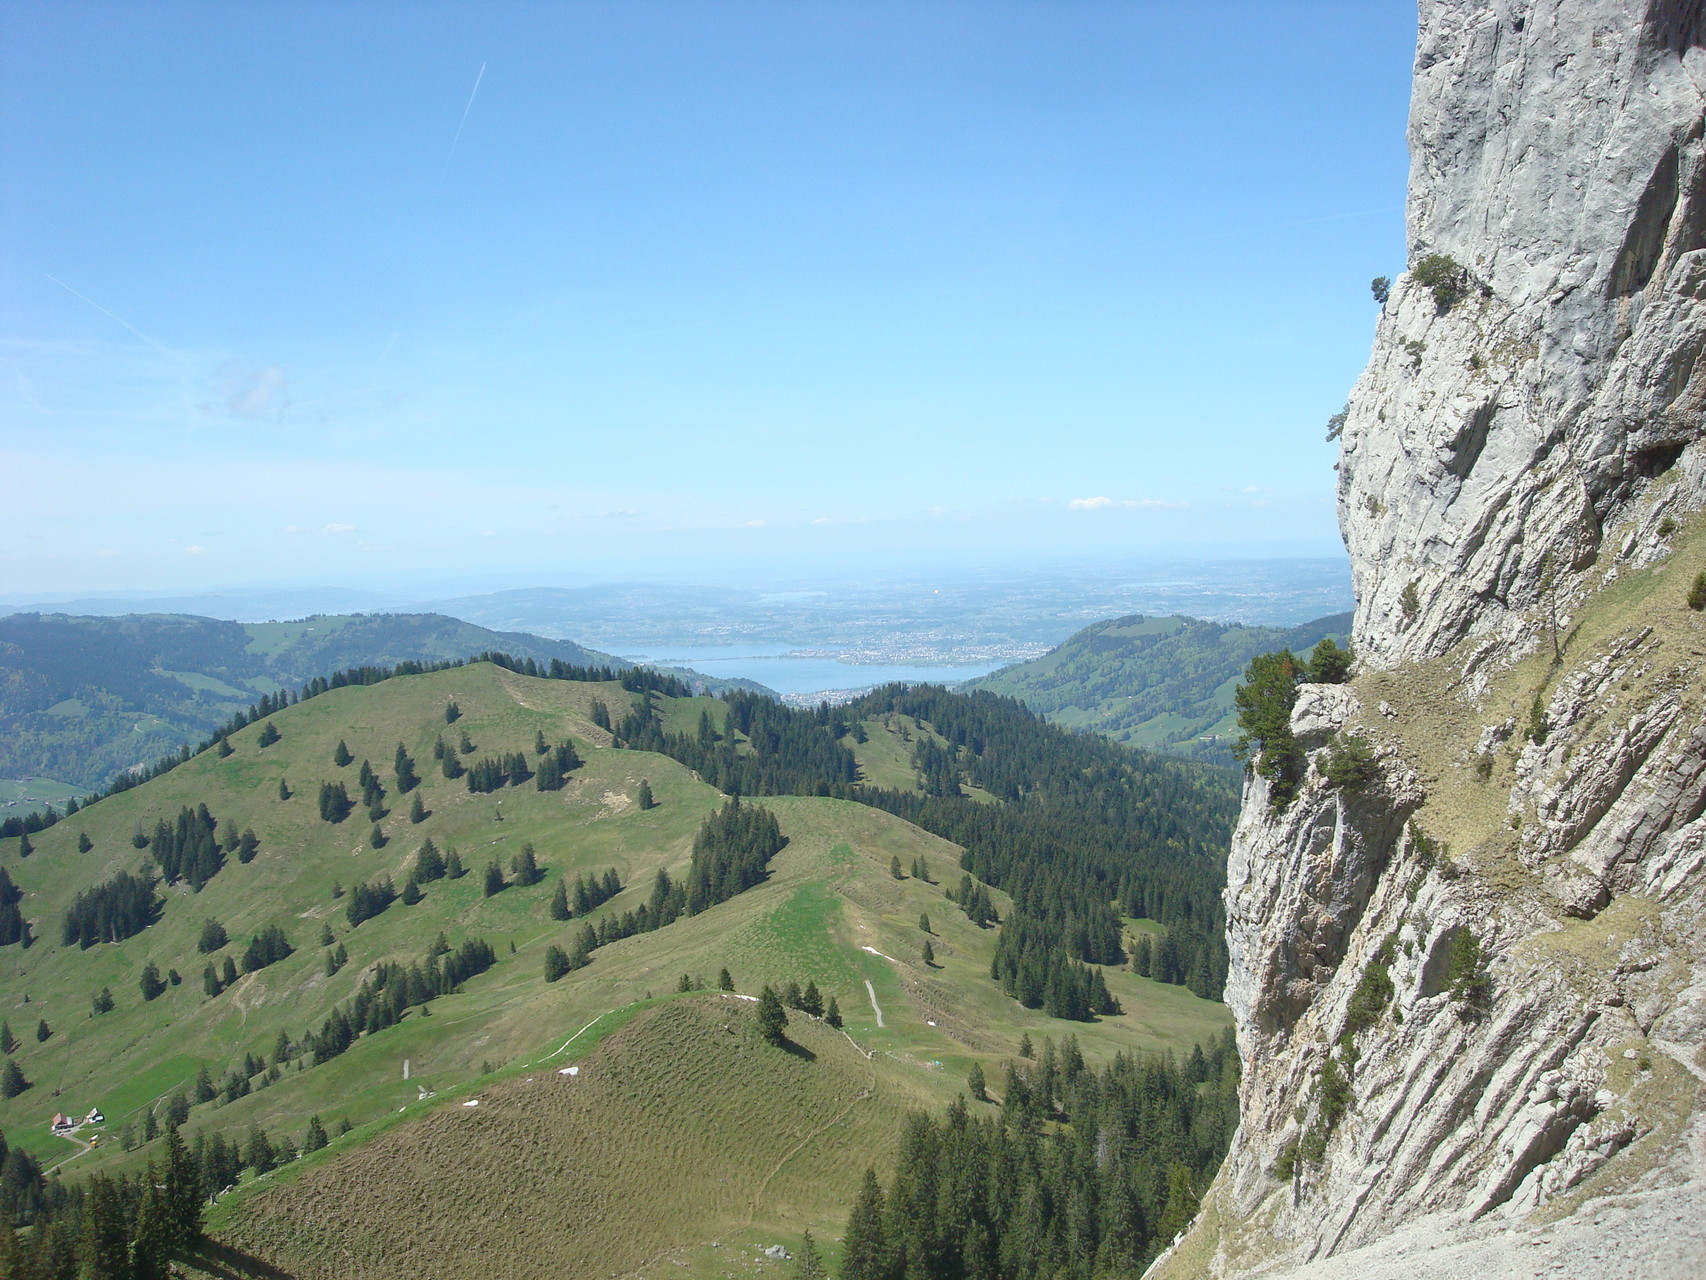 Zürichsee mit Damm von Rapperswil im Hintergrund Greifensee